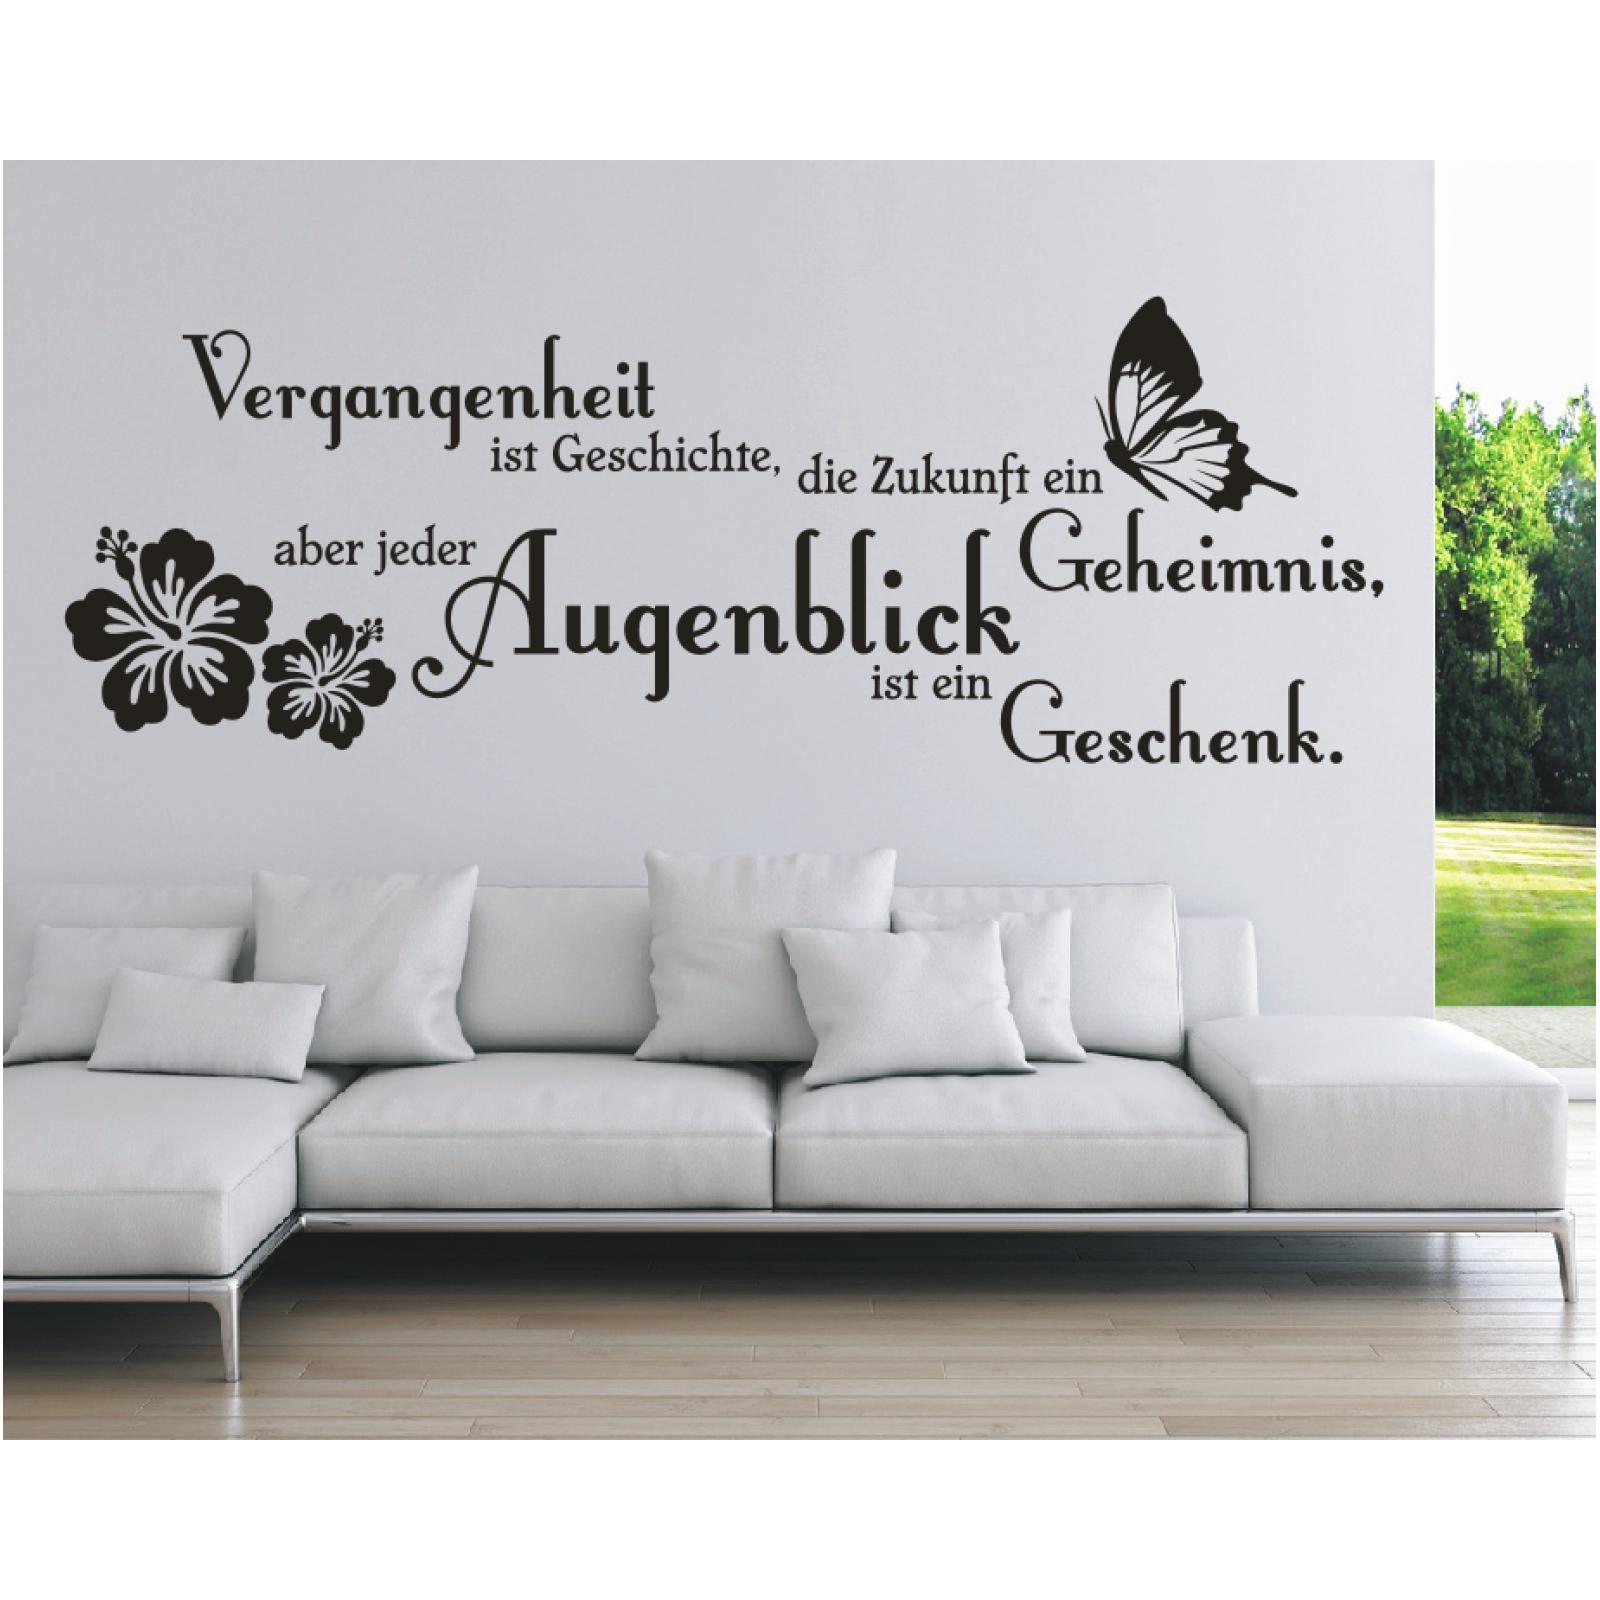 Wandtattoo Spruch Vergangenheit Ist Zukunft Augenblick Wandaufkleber Sticker 8 Ebay